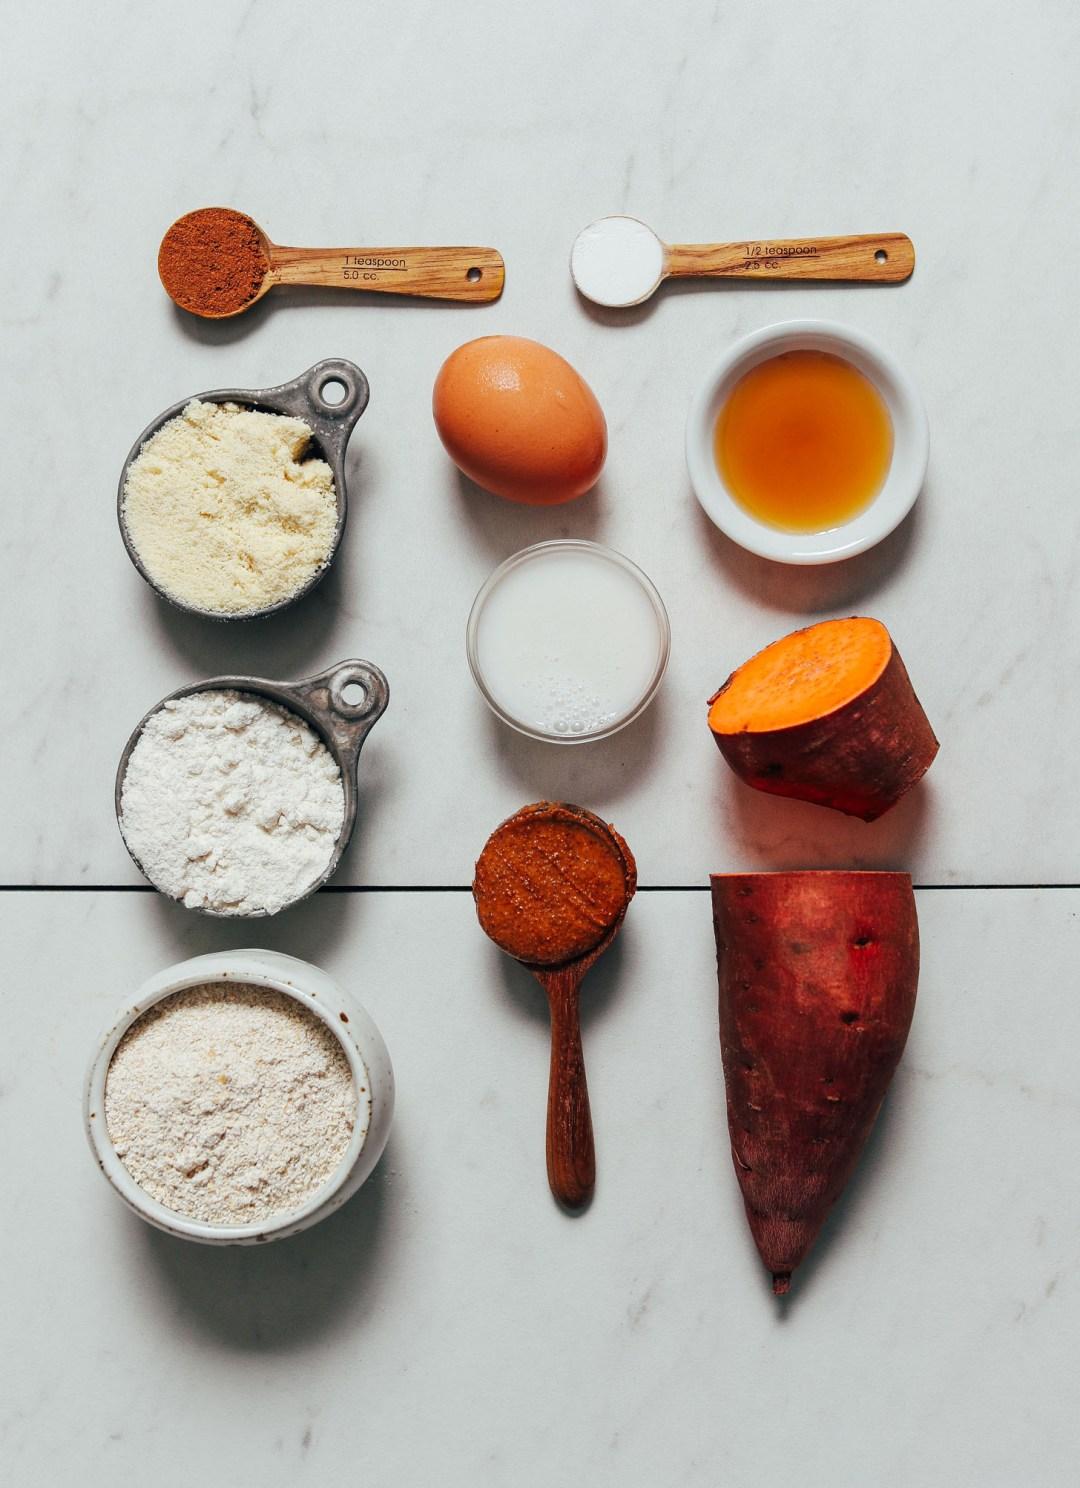 Batata, huevo, leche sin lácteos y otros ingredientes para hacer nuestros muffins de batata y mantequilla de almendras